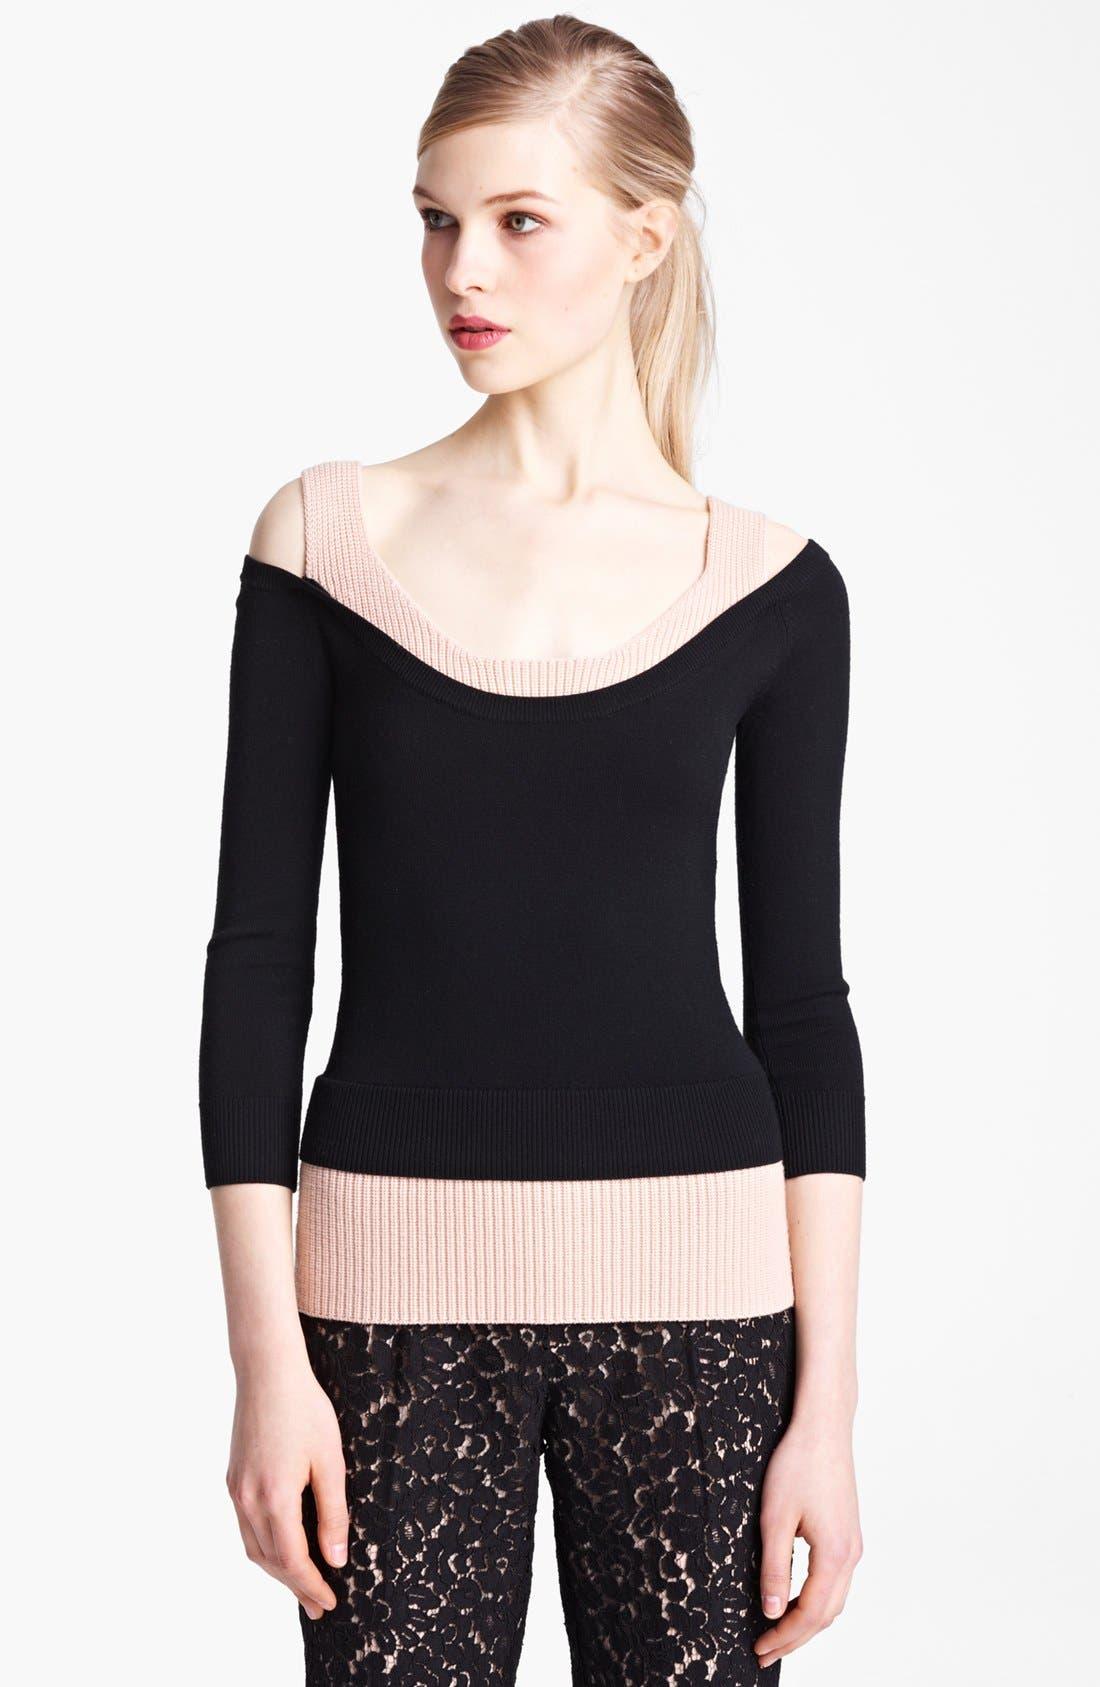 Main Image - Michael Kors Layered Merino Wool Sweater